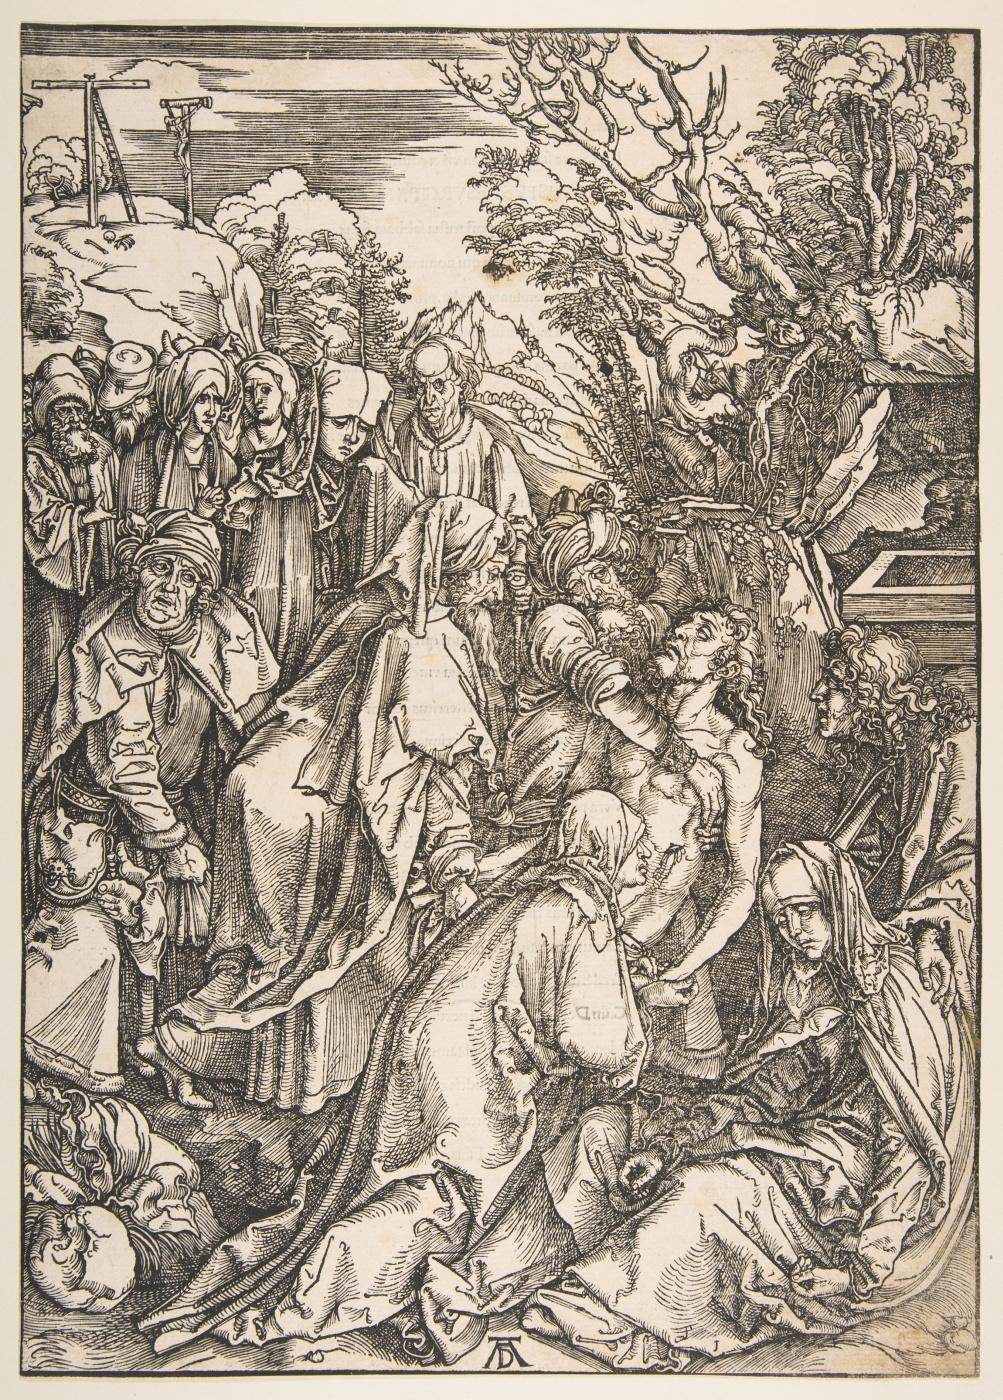 Albrecht Dürer. The Burial Of Christ